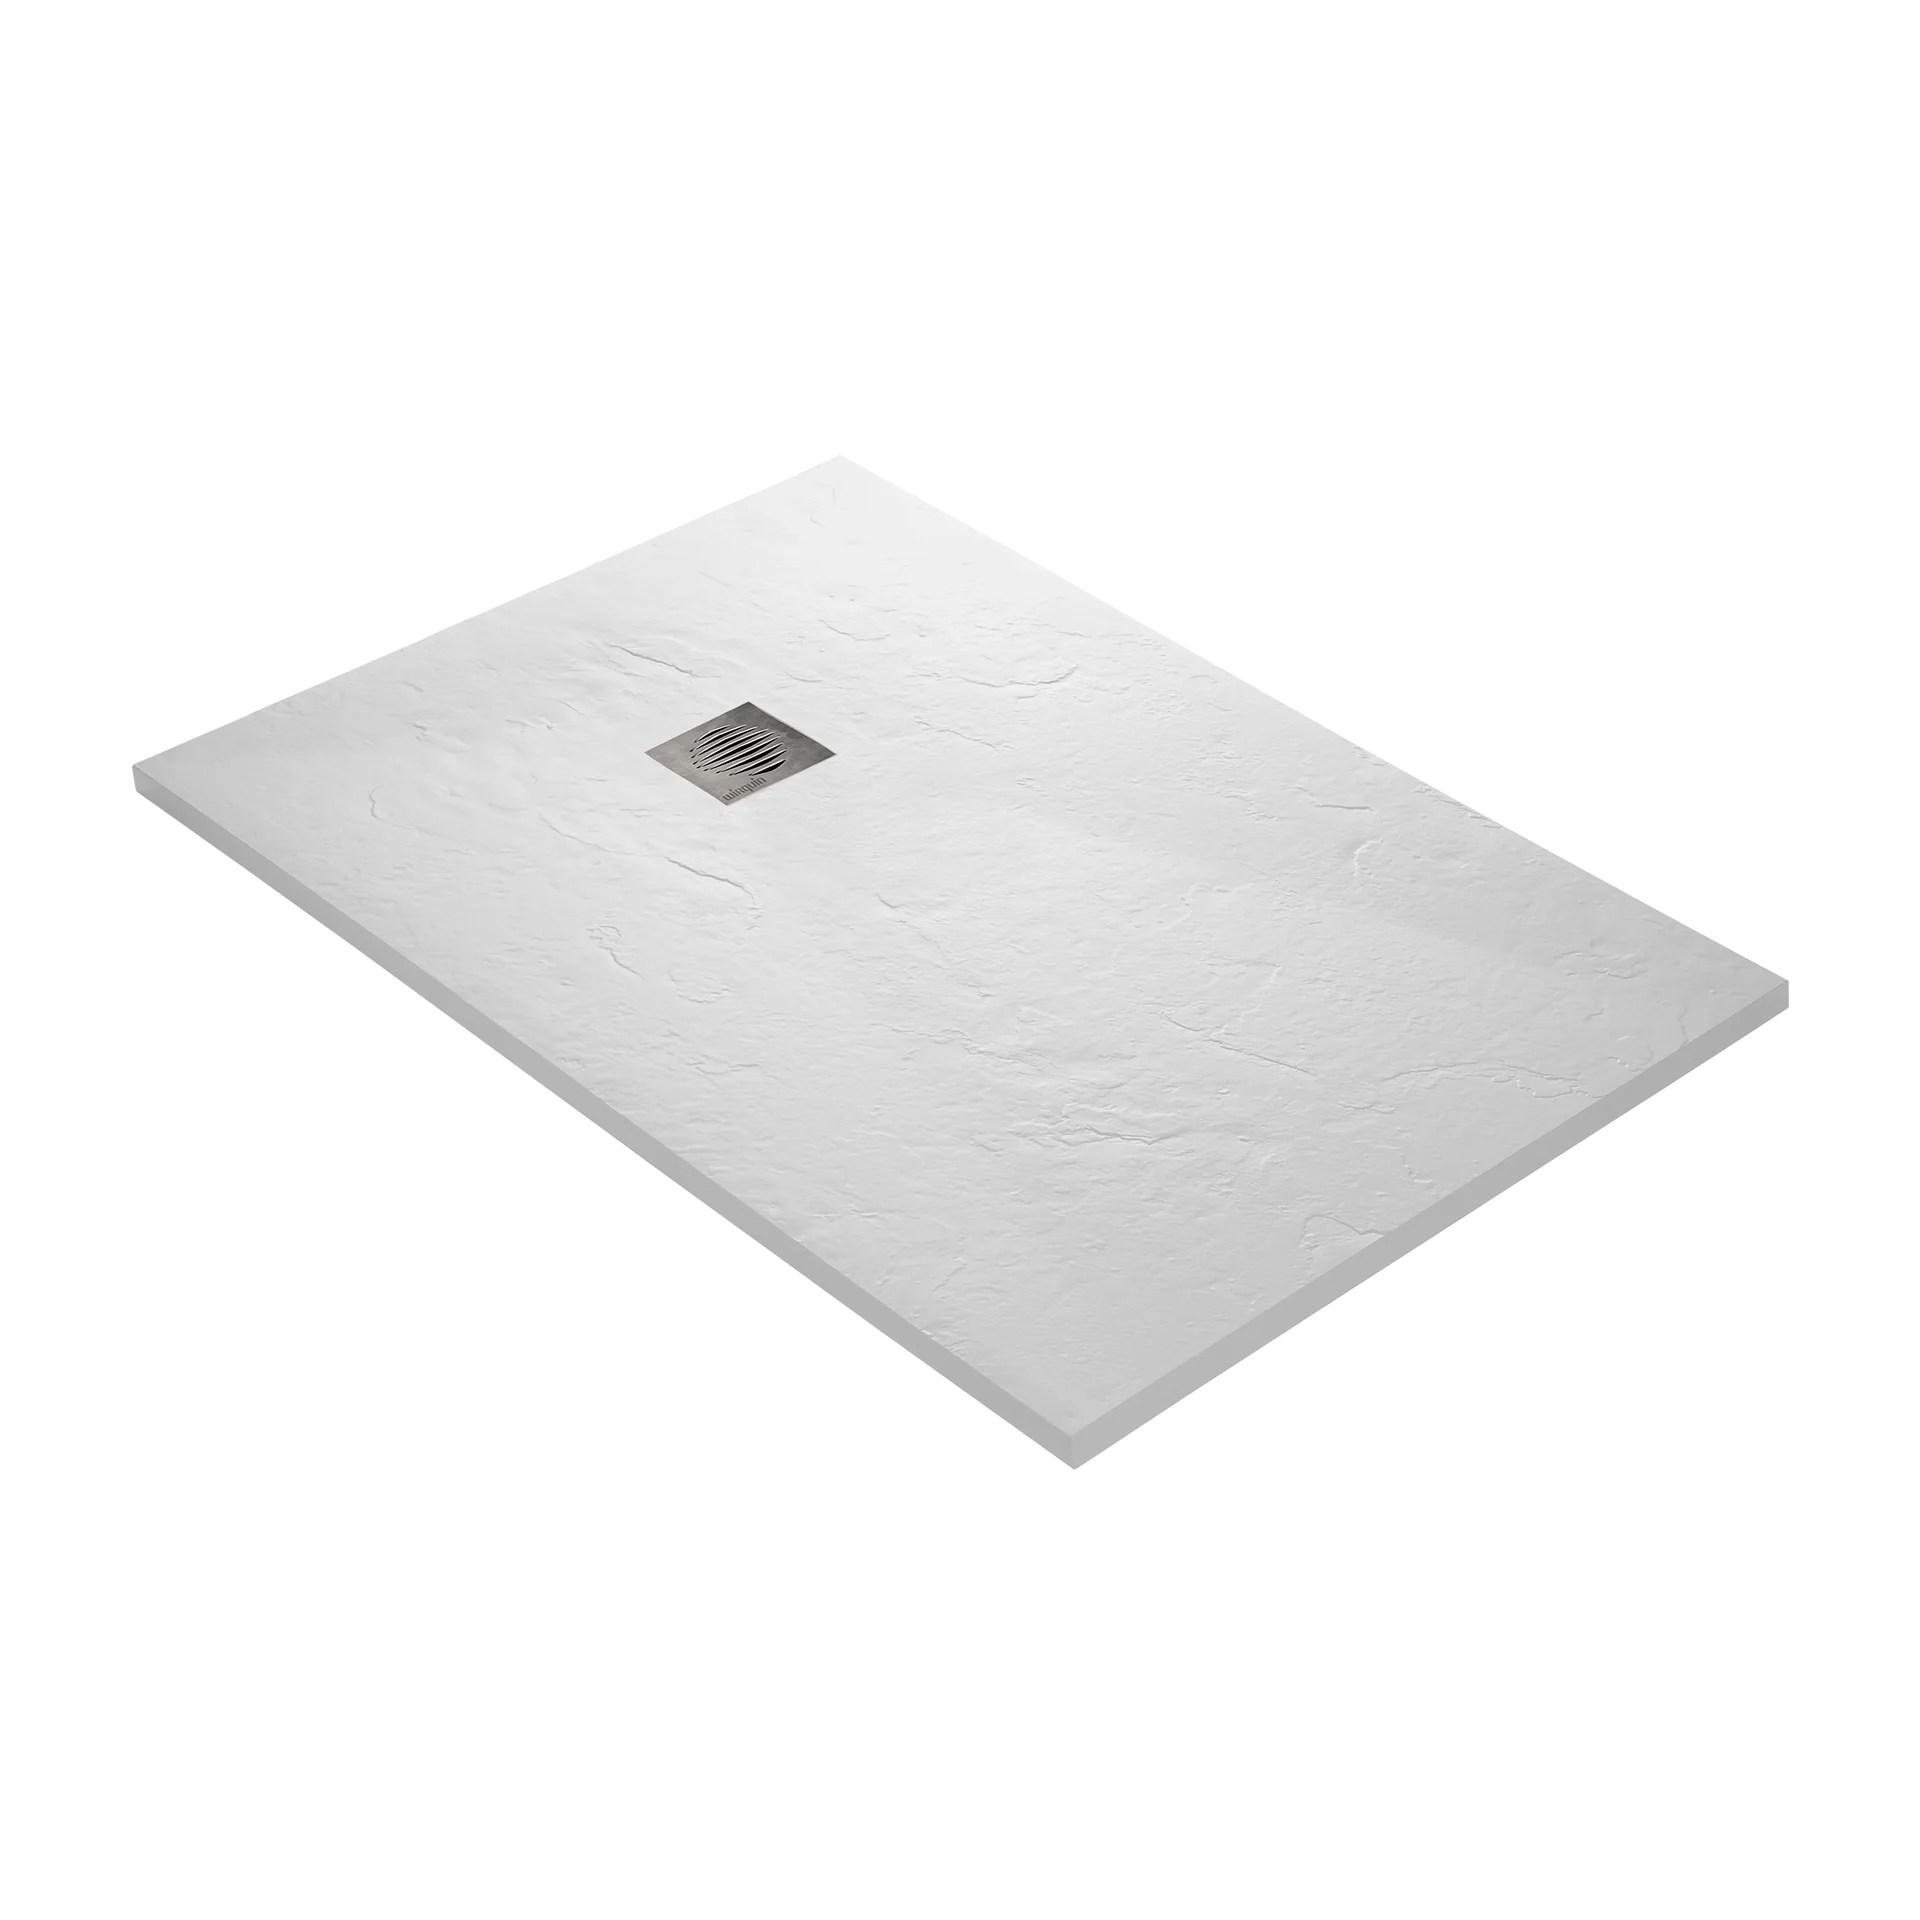 receveur douche extra plat resine blanc 120 x 80